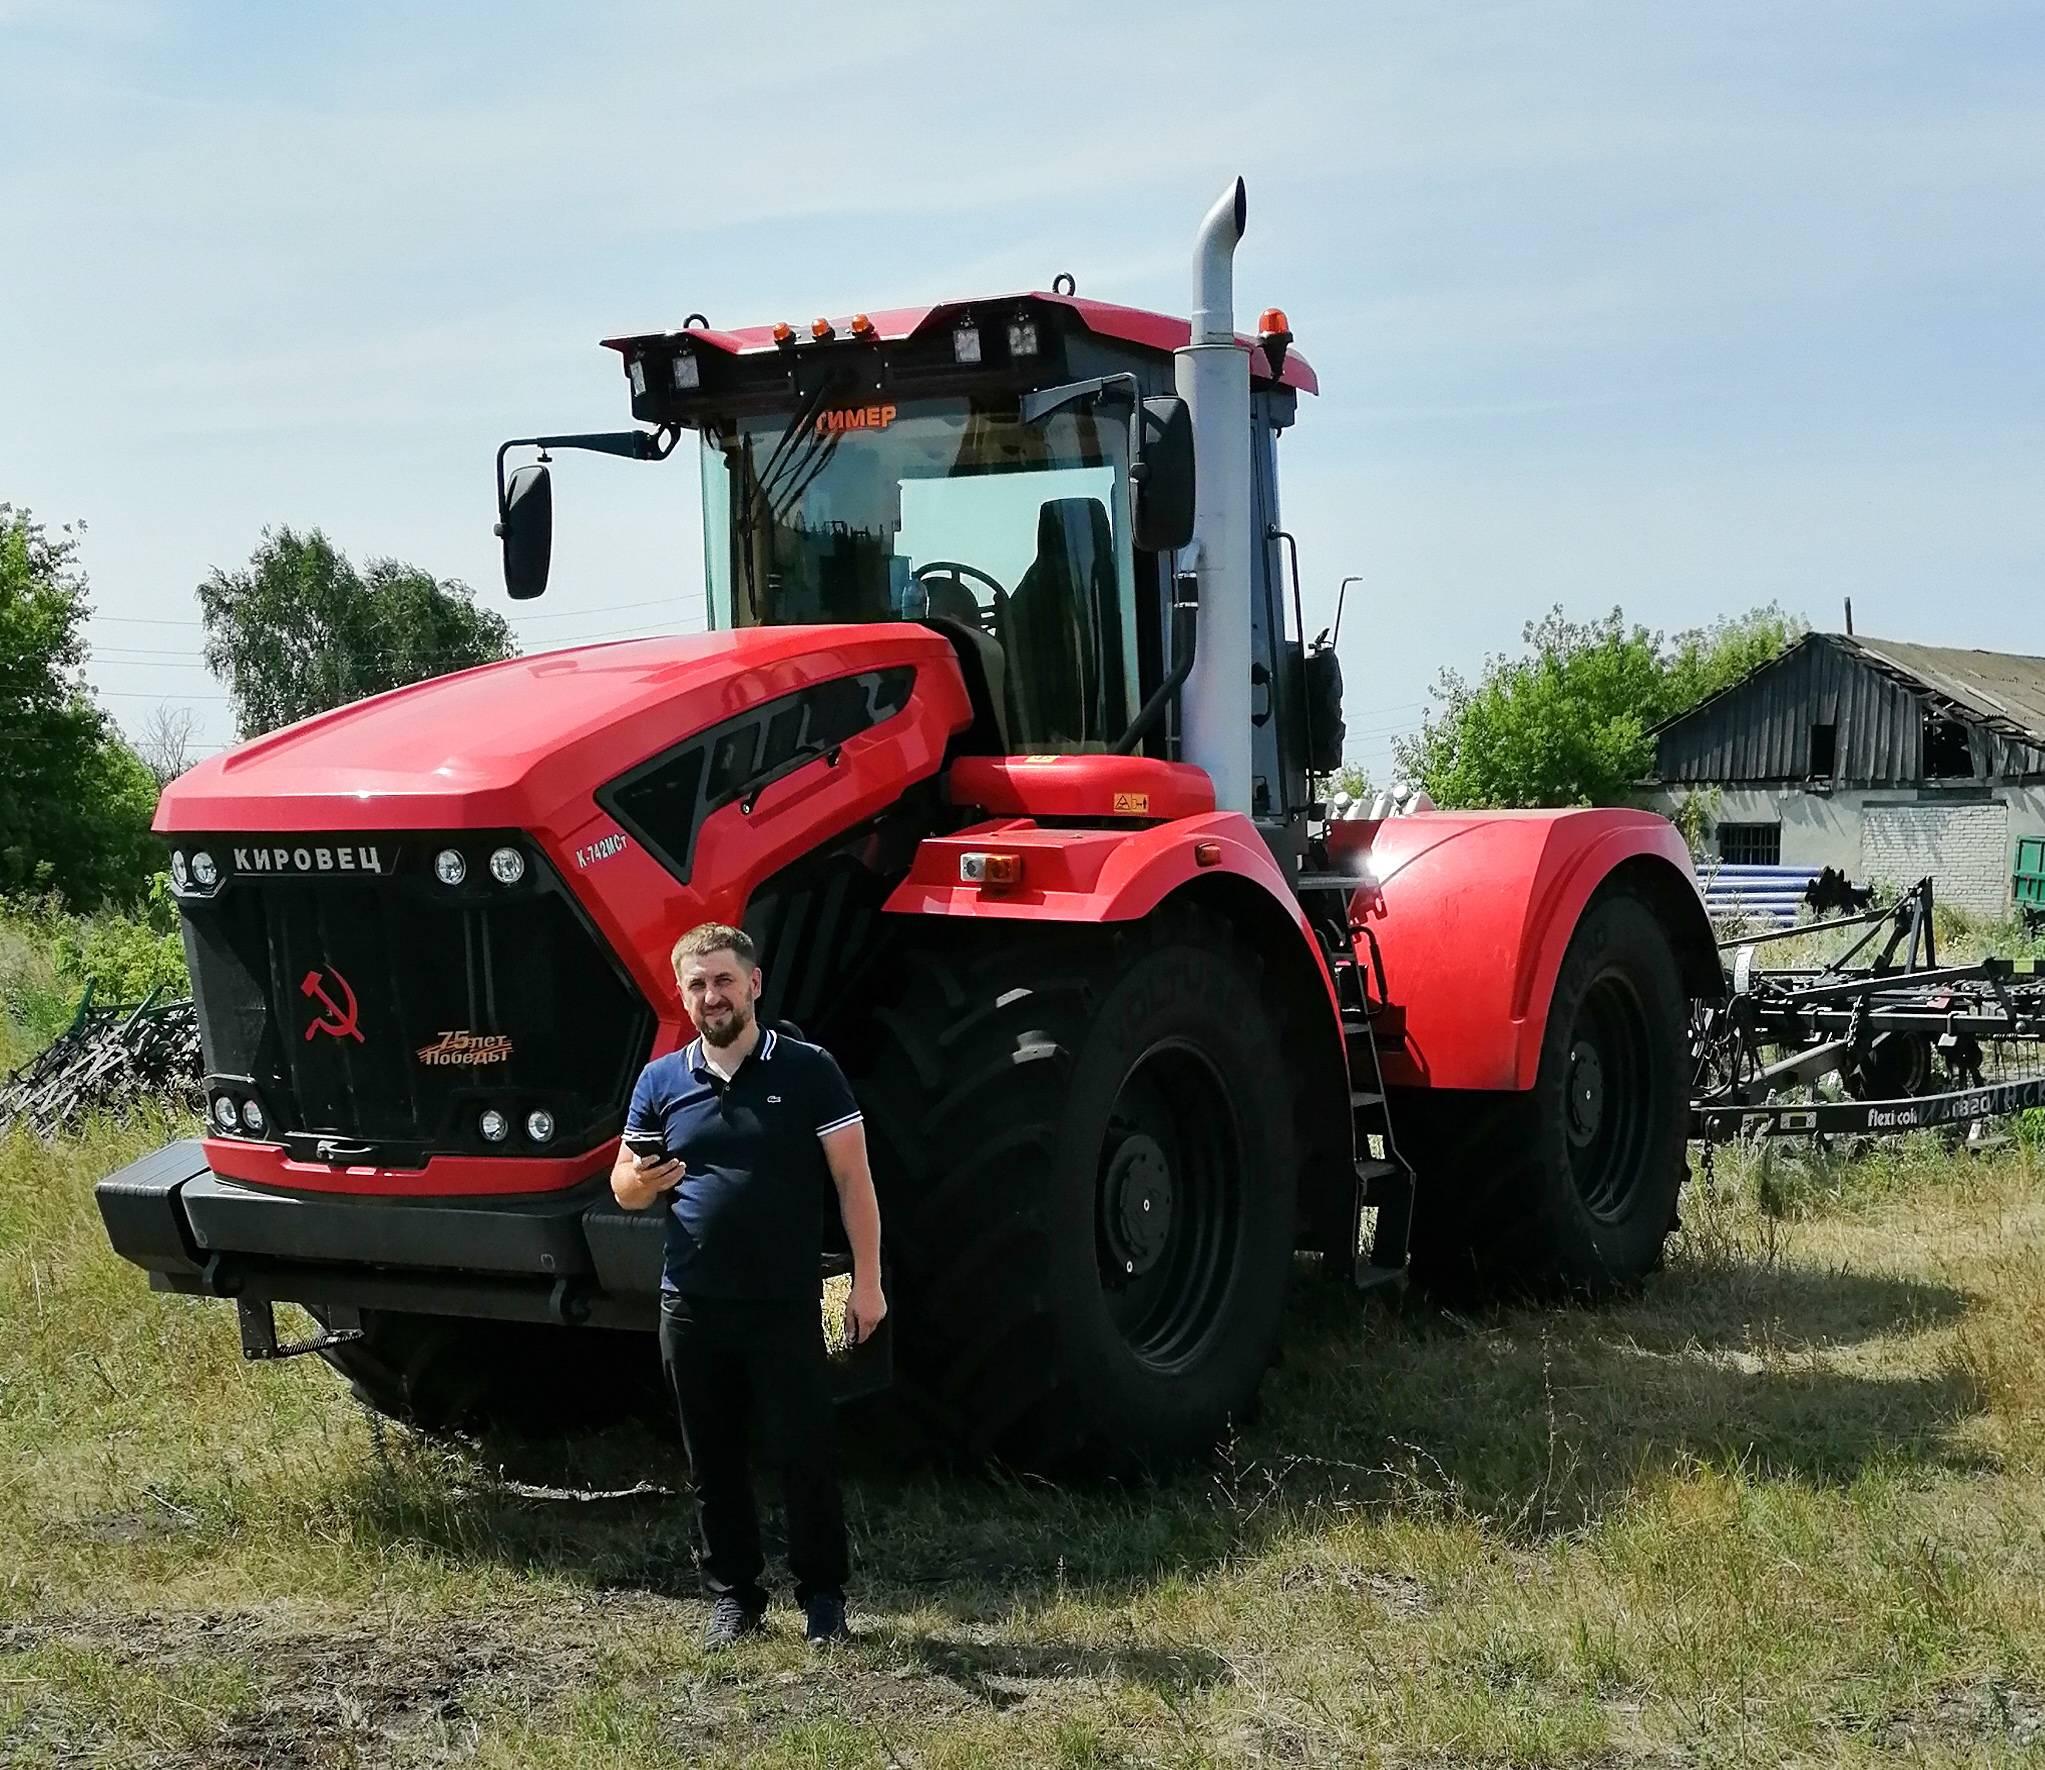 В хозяйстве Бирюкова порядка 80 единиц современной сельхозтехники. Старого фонда уже нет.